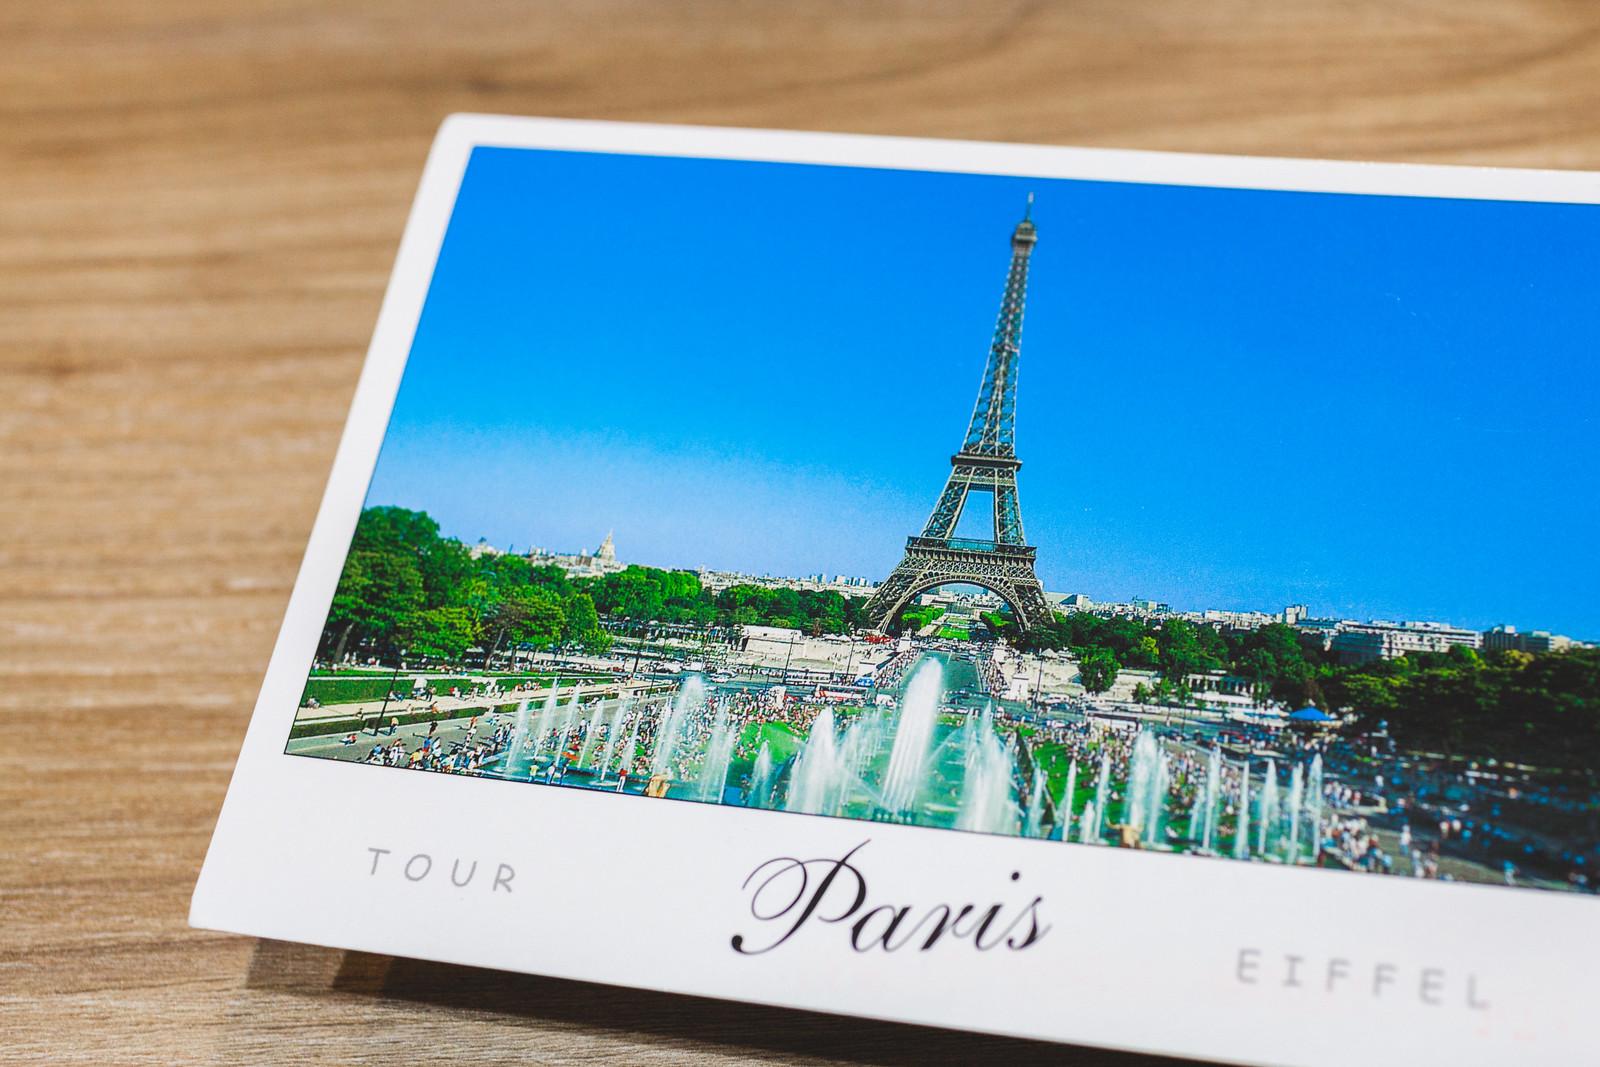 Peggy 與 Tony 的旅遊明信片,又來了。